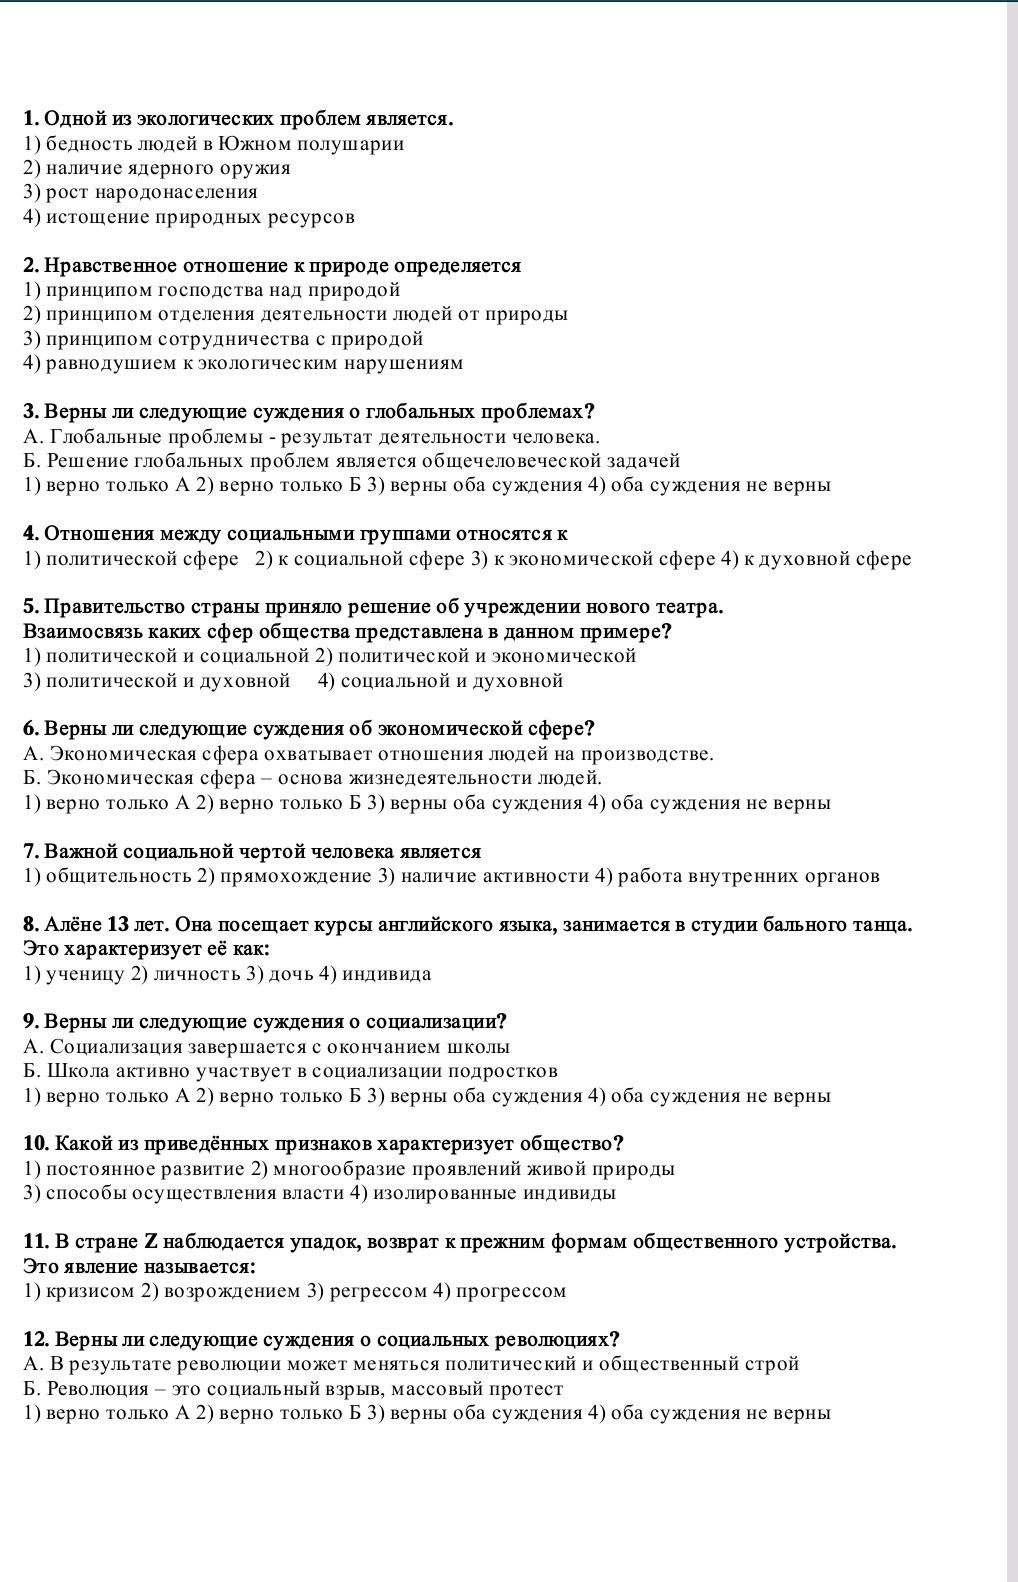 Тесты по обществознанию личность и общество 8 класс